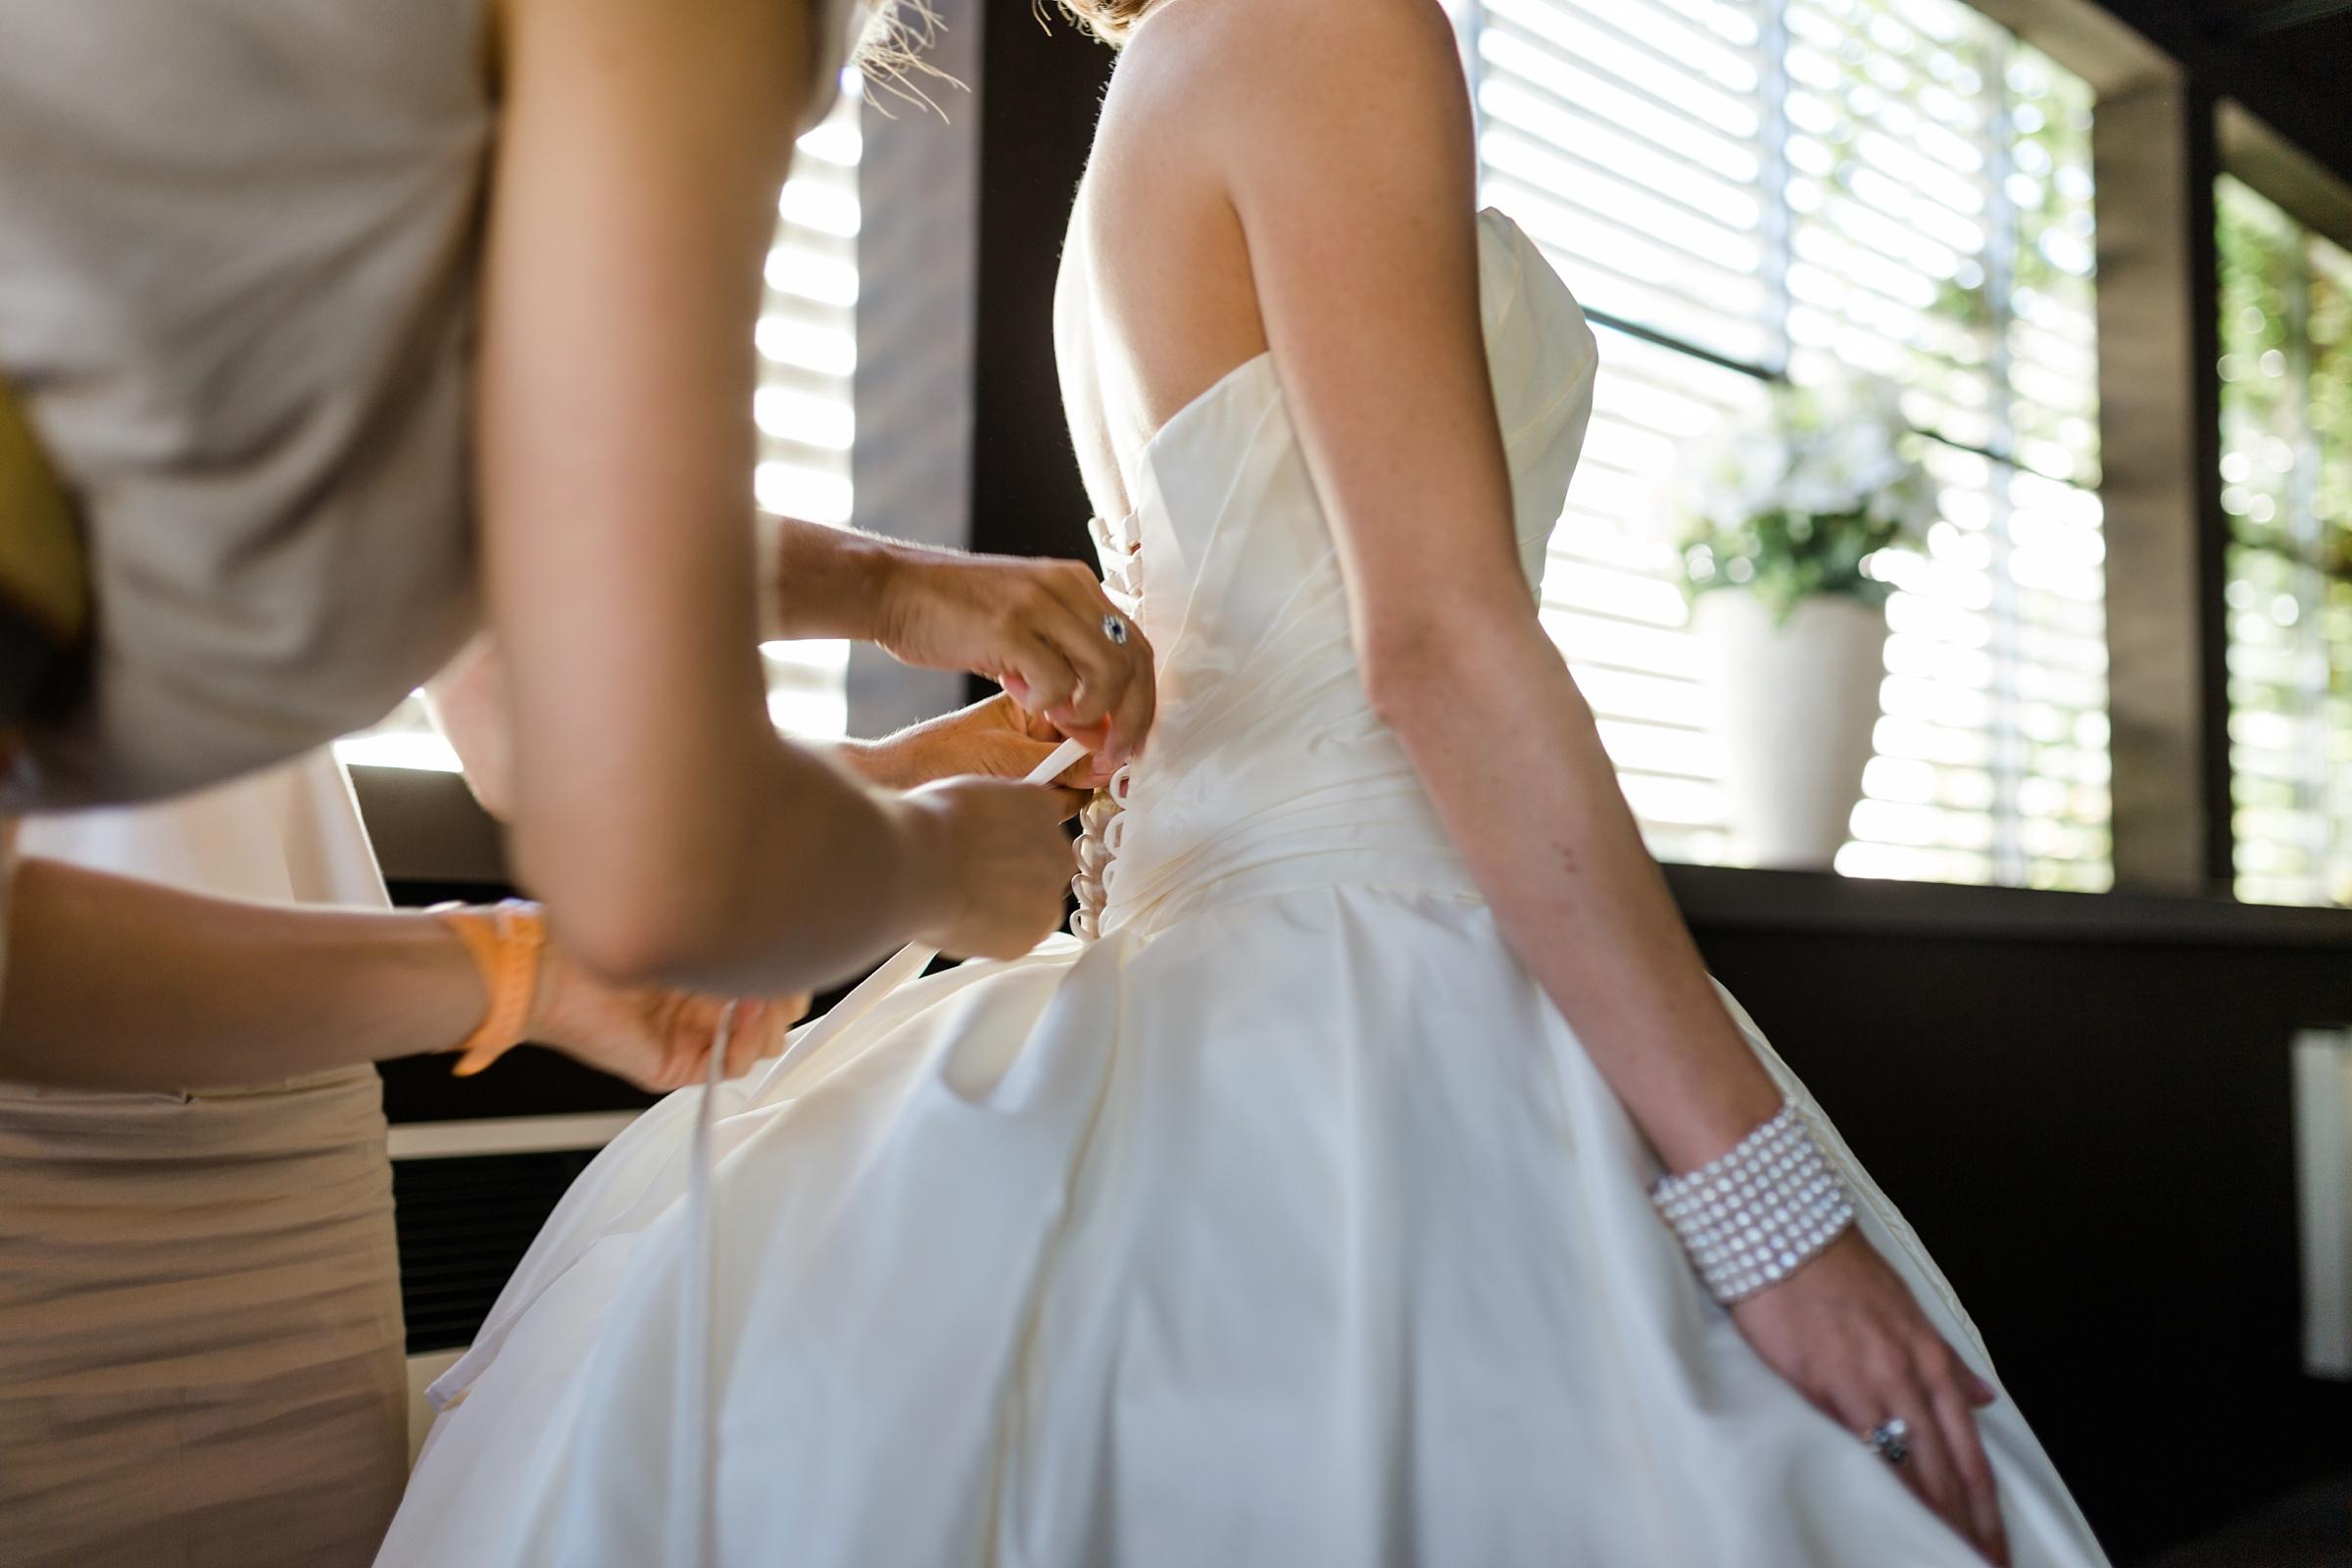 Hochzeitsreportage-Zuerich-Braut-Getting-Ready-Brautkleid-schnueren-Giardino-Verde-Uitikon